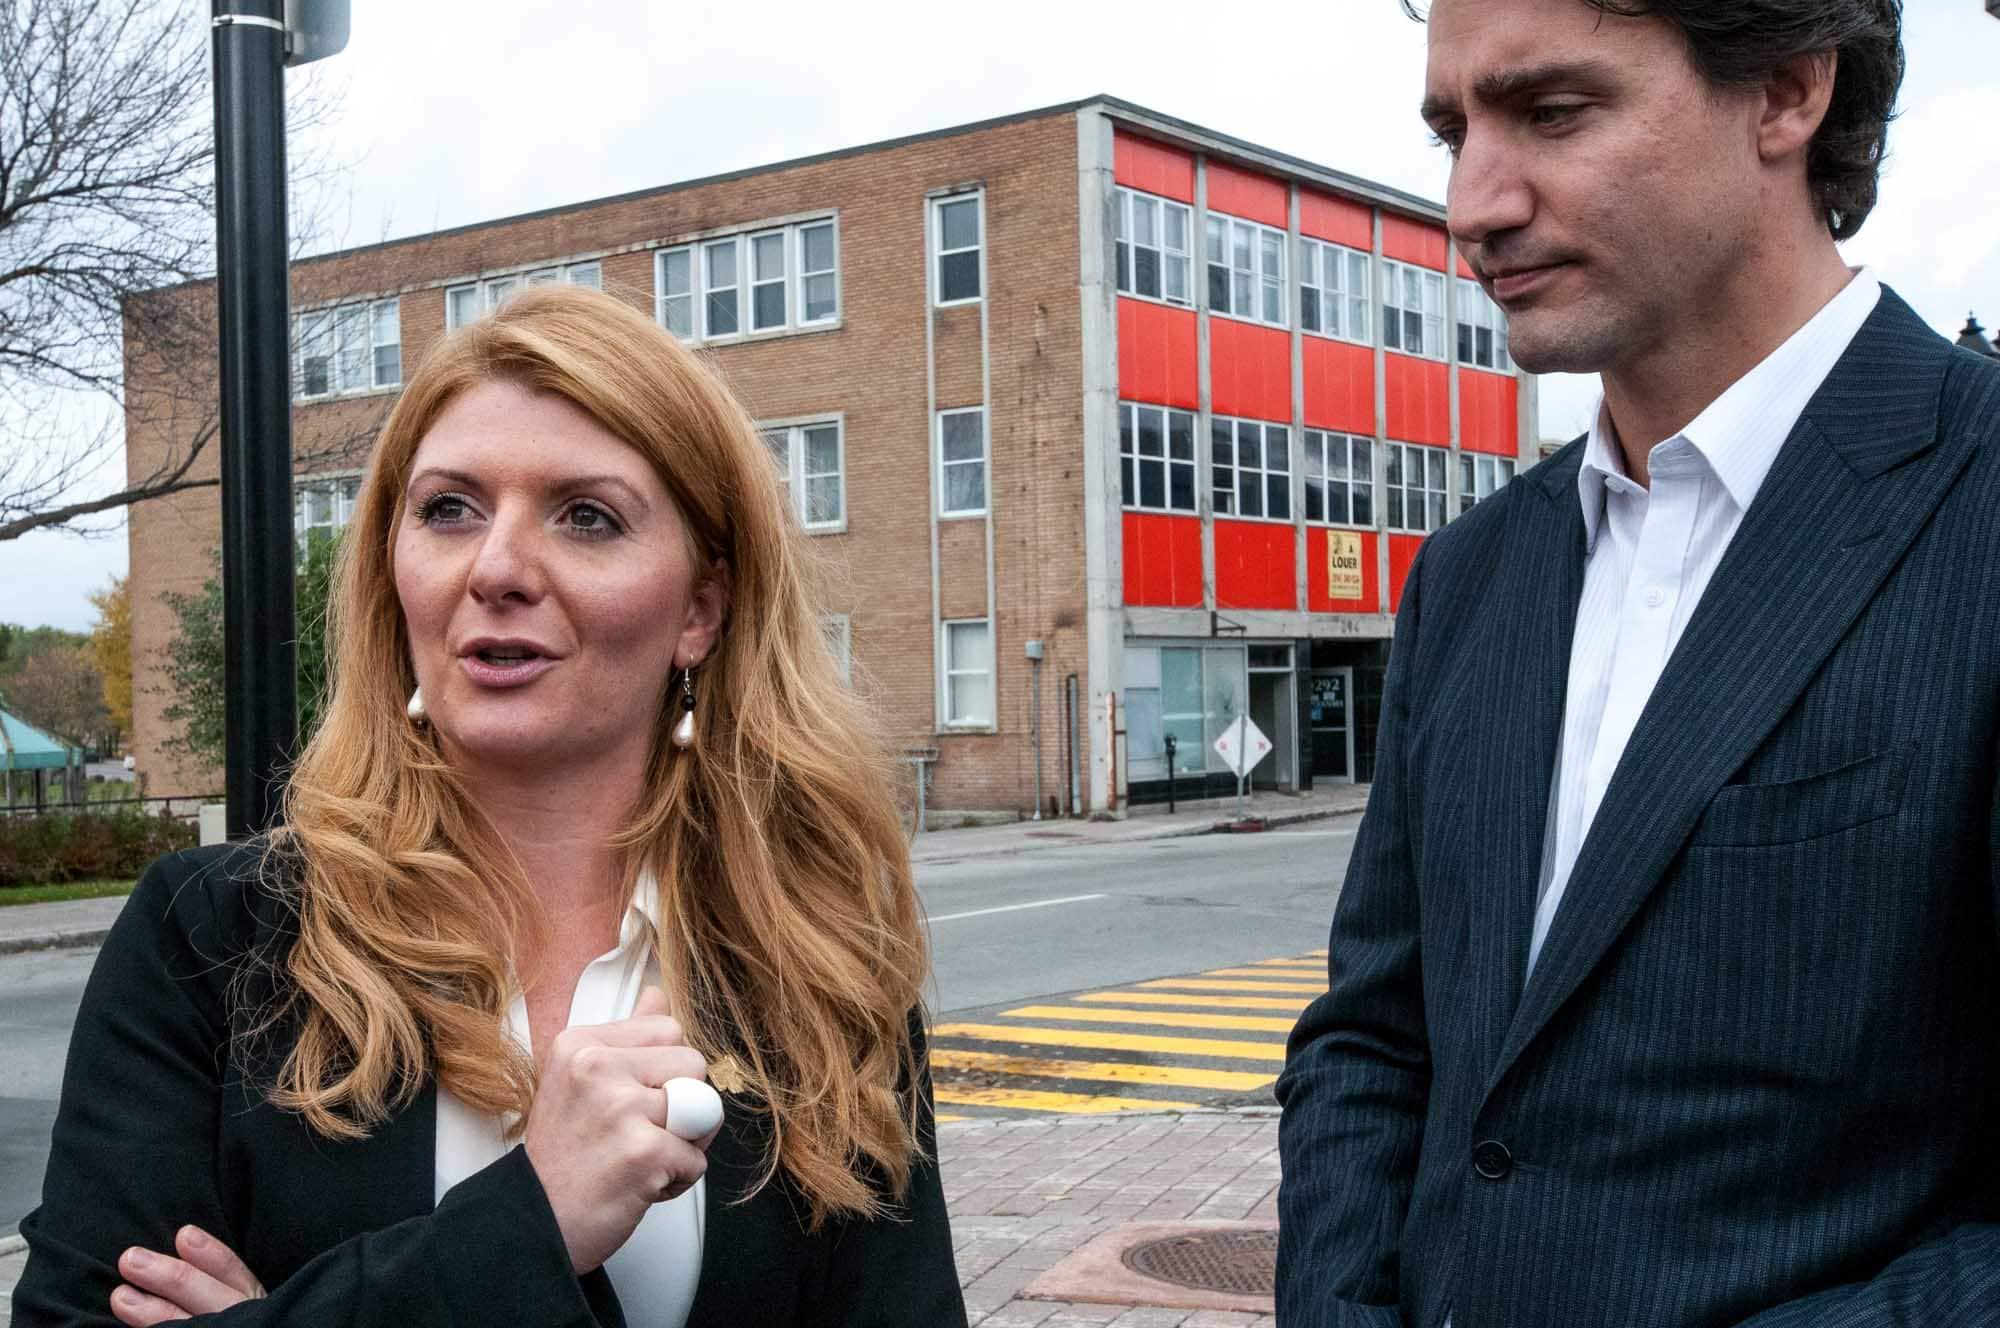 En octobre 2014, Janice Bélair Rolland était déjà désignée comme la candidate du Parti libéral du Canada, plus d'un an avant les élections qui ont fait de Justin Trudeau le premier ministre, en octobre 2015.